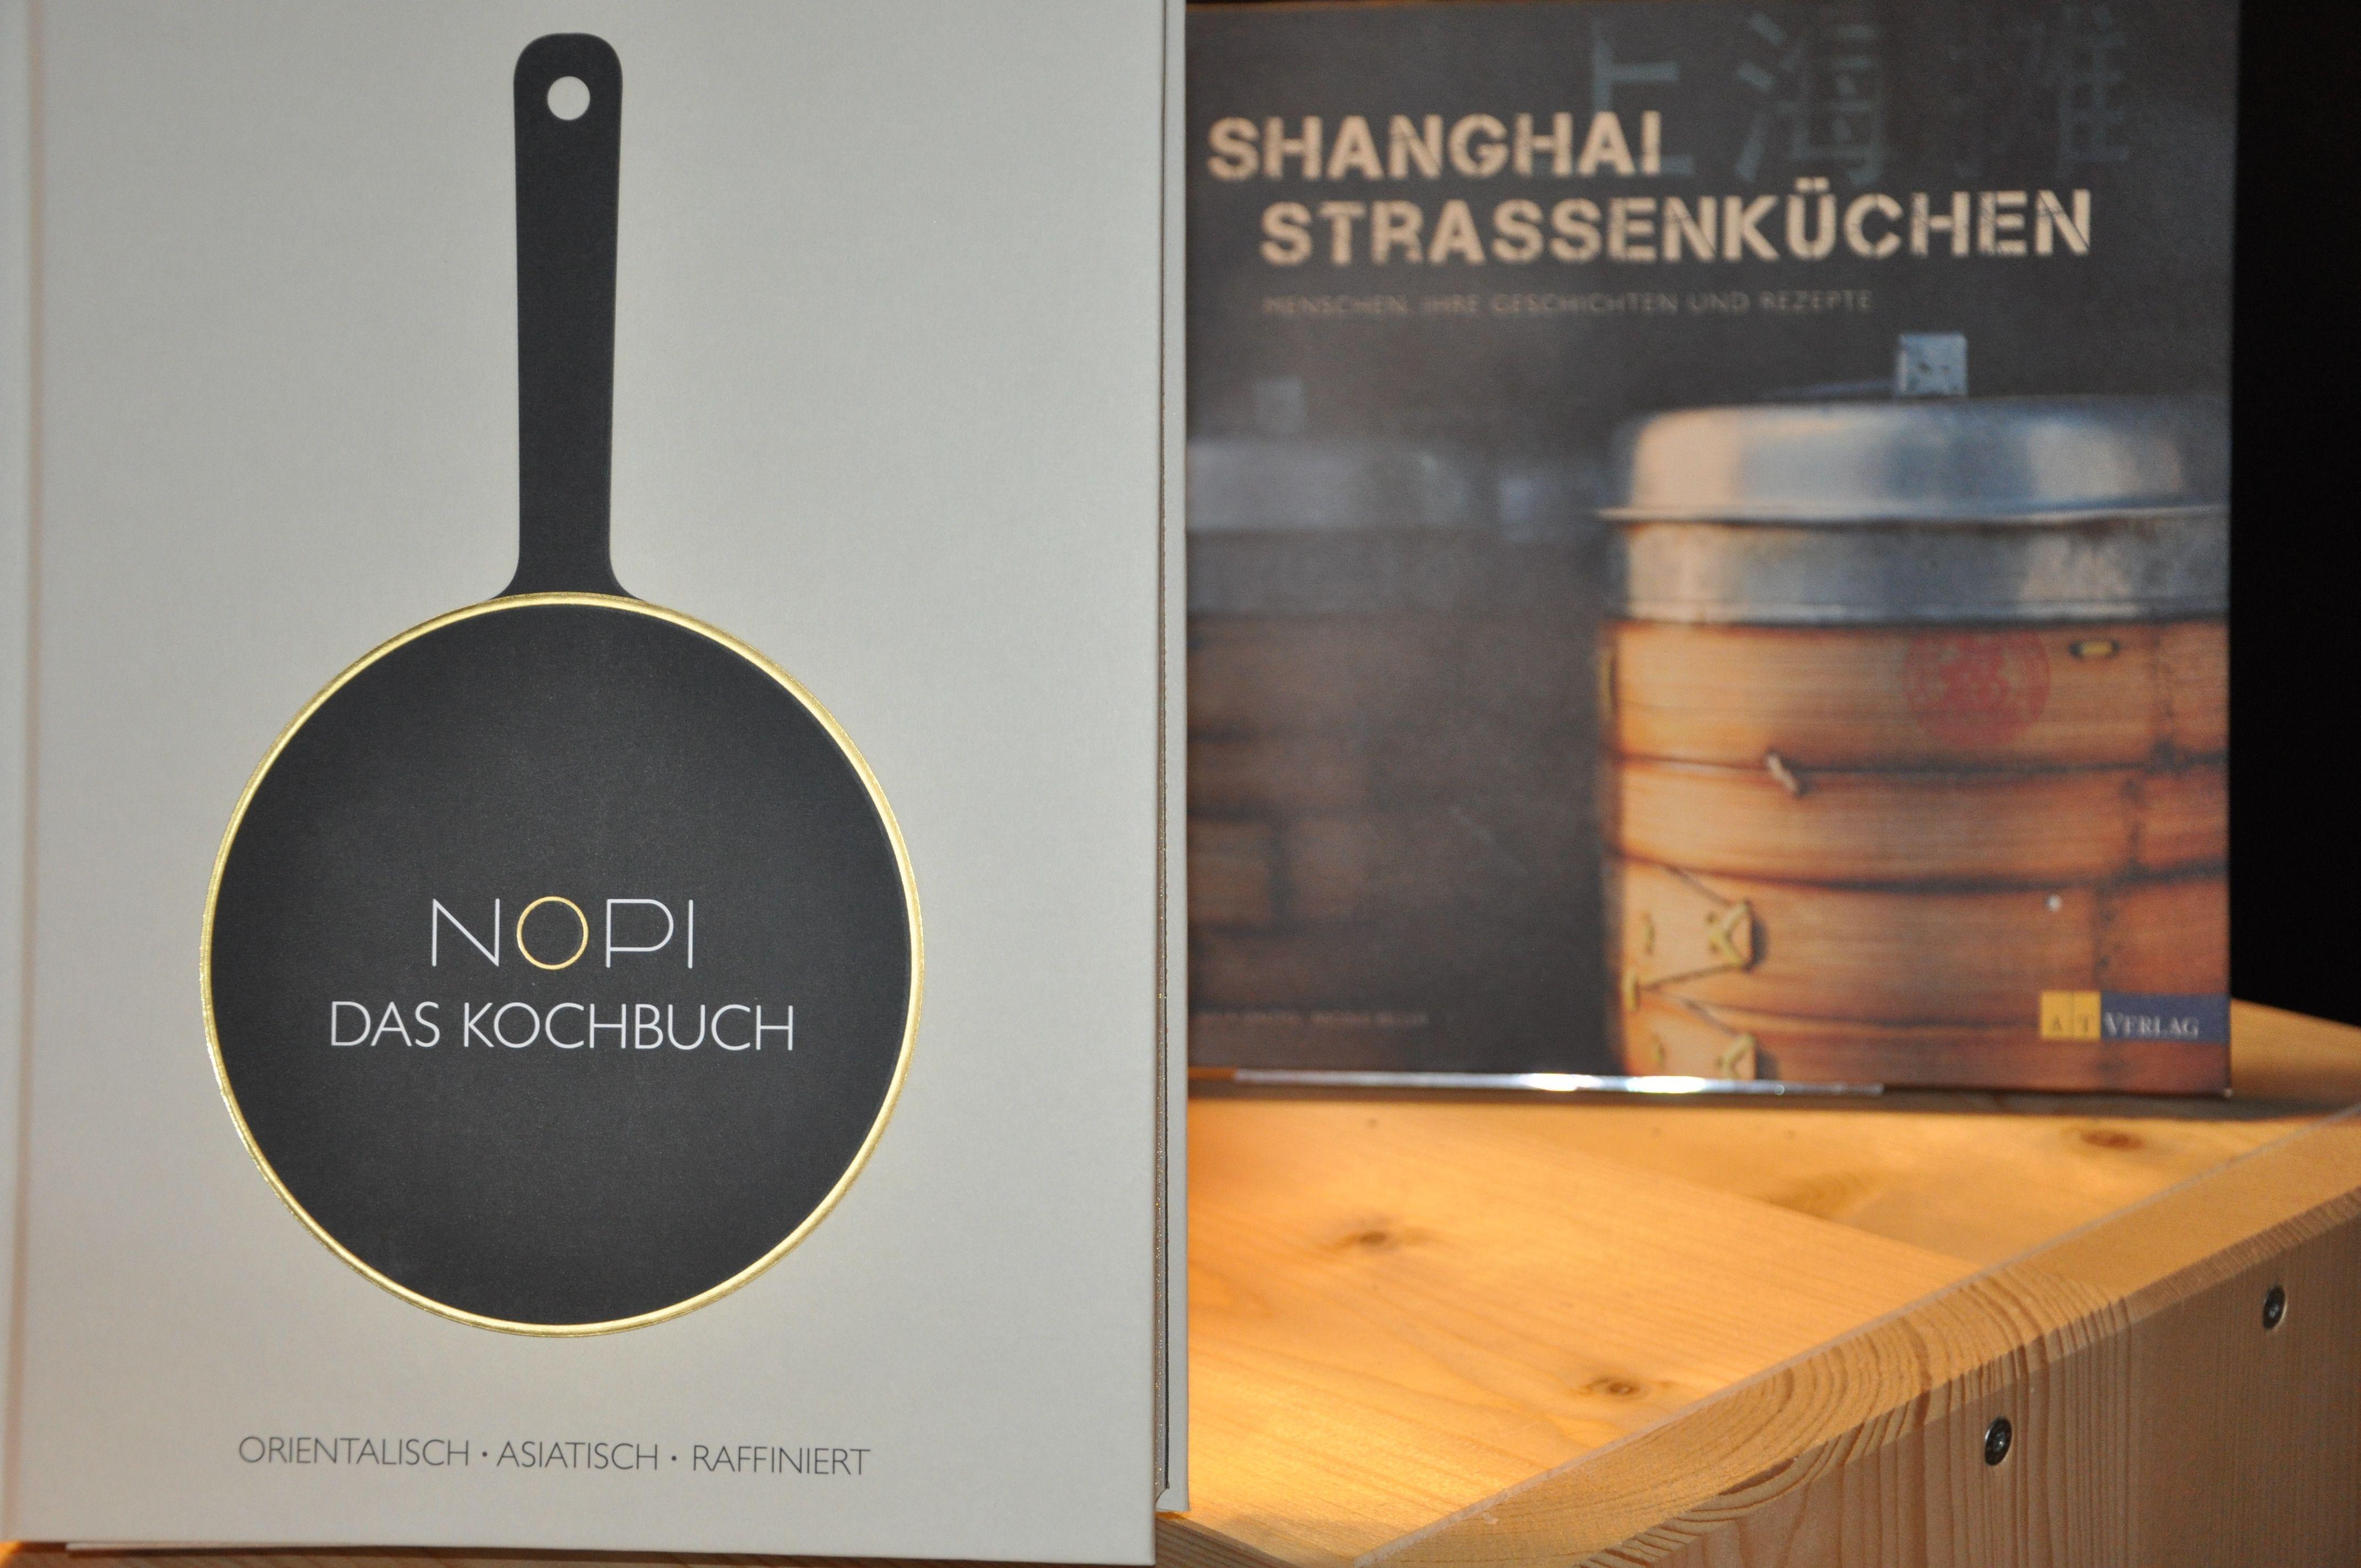 Coole Kochbücher im Feinsinn!